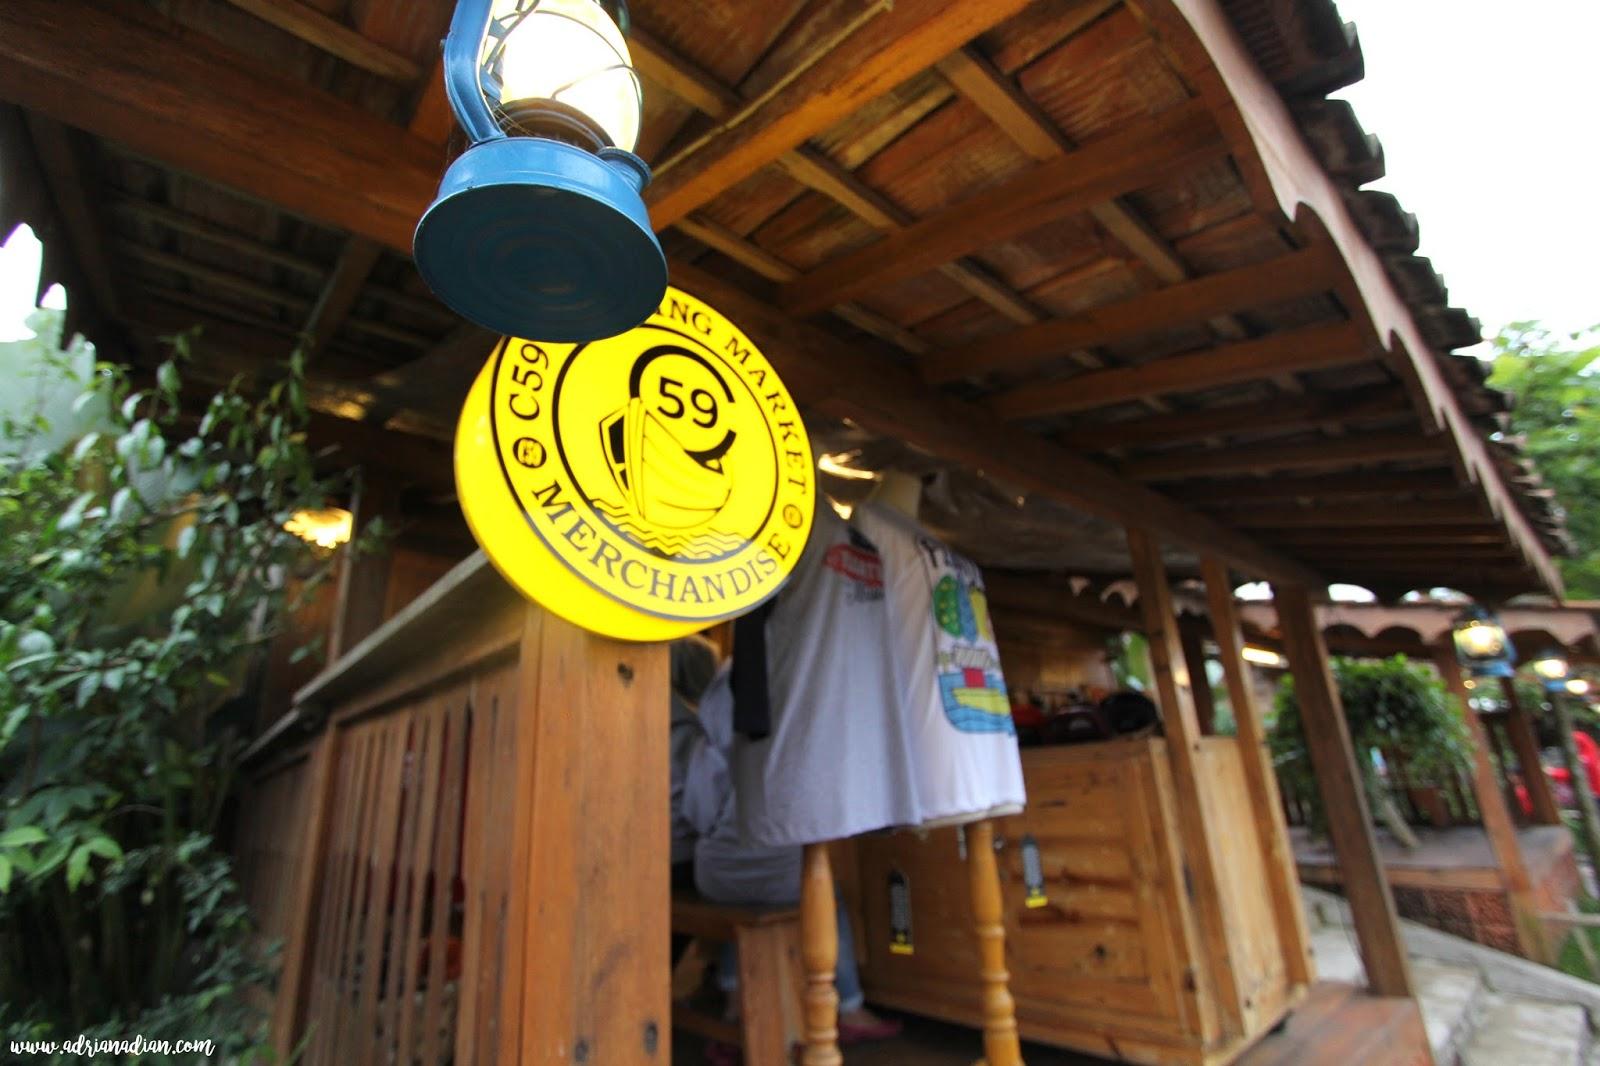 Menghabiskan Senja Di Floating Market Lembang Daily Life A Mom Blogger Tiket Masuk Oh Iya Disepanjang Jalan Setelah Ini Kita Juga Bisa Menemukan Toko Merchandise Dan Handcraft Yang Berjejer Disana